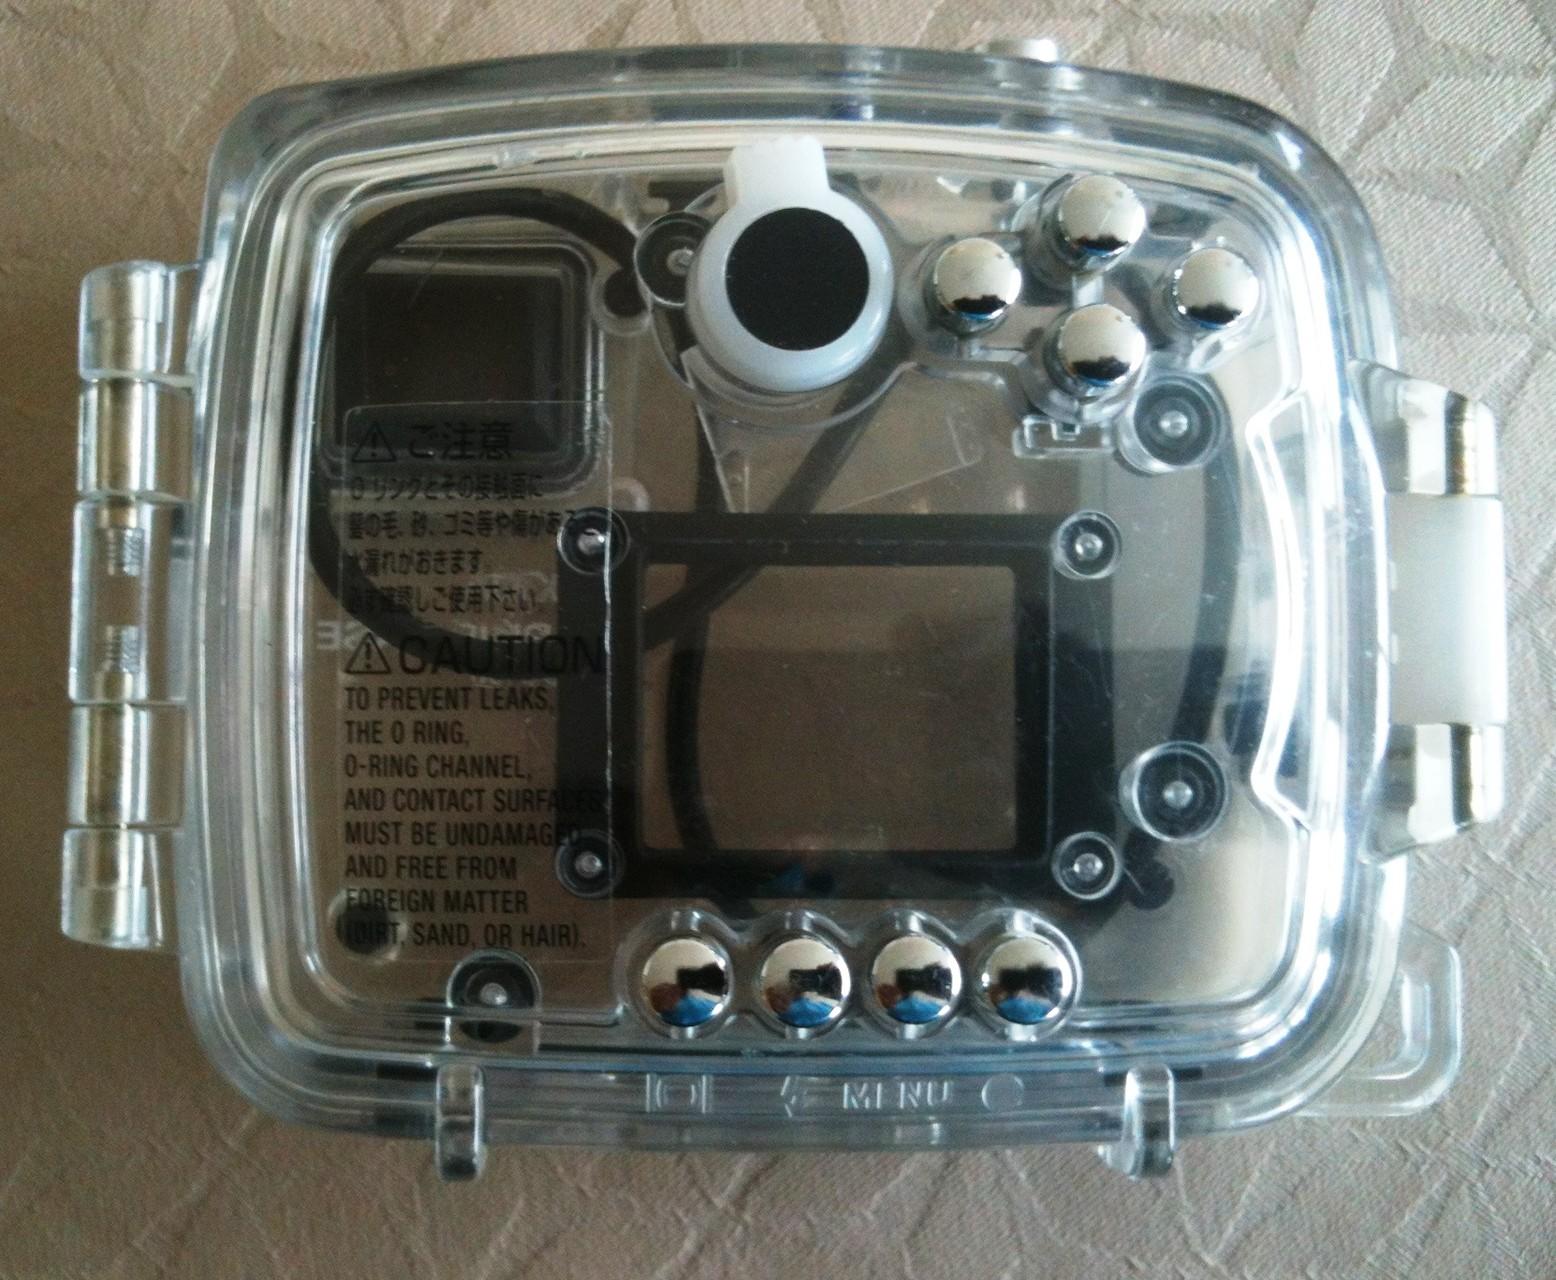 Boitier étanche MARINE CASE MC-DG100 pour appareil photo MINOLTA - Vue 2